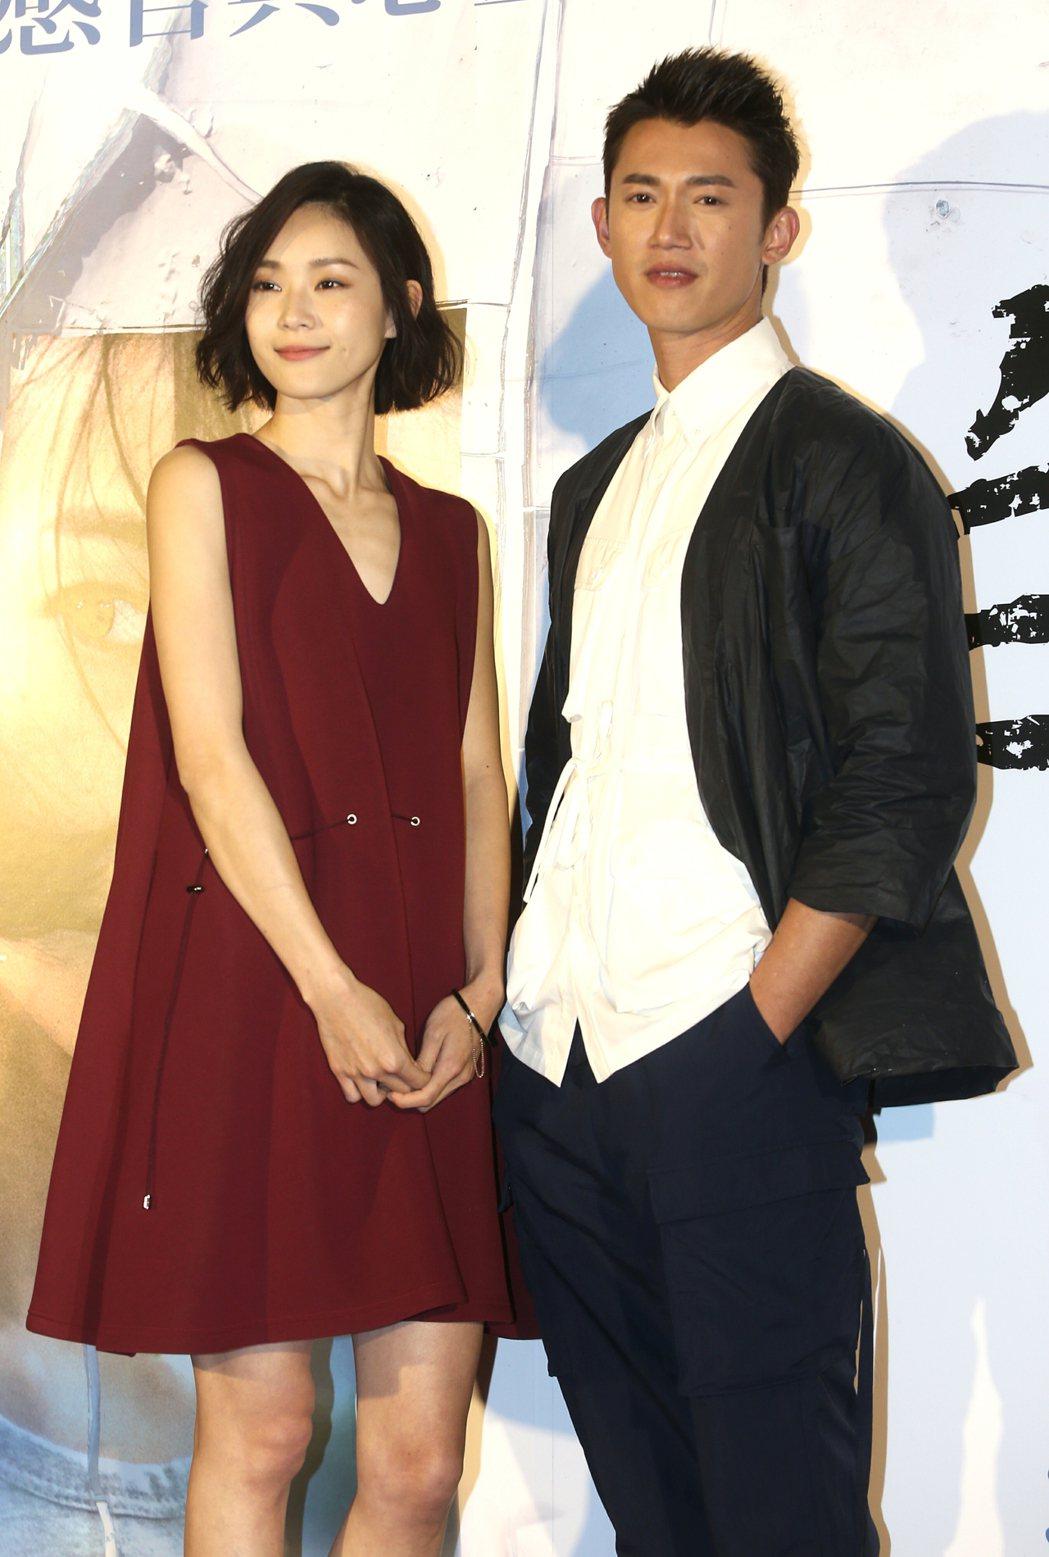 「白蟻-慾望謎網」男女主角吳慷仁(右)及鍾瑤(左)出席首映會。記者侯永全/攝影